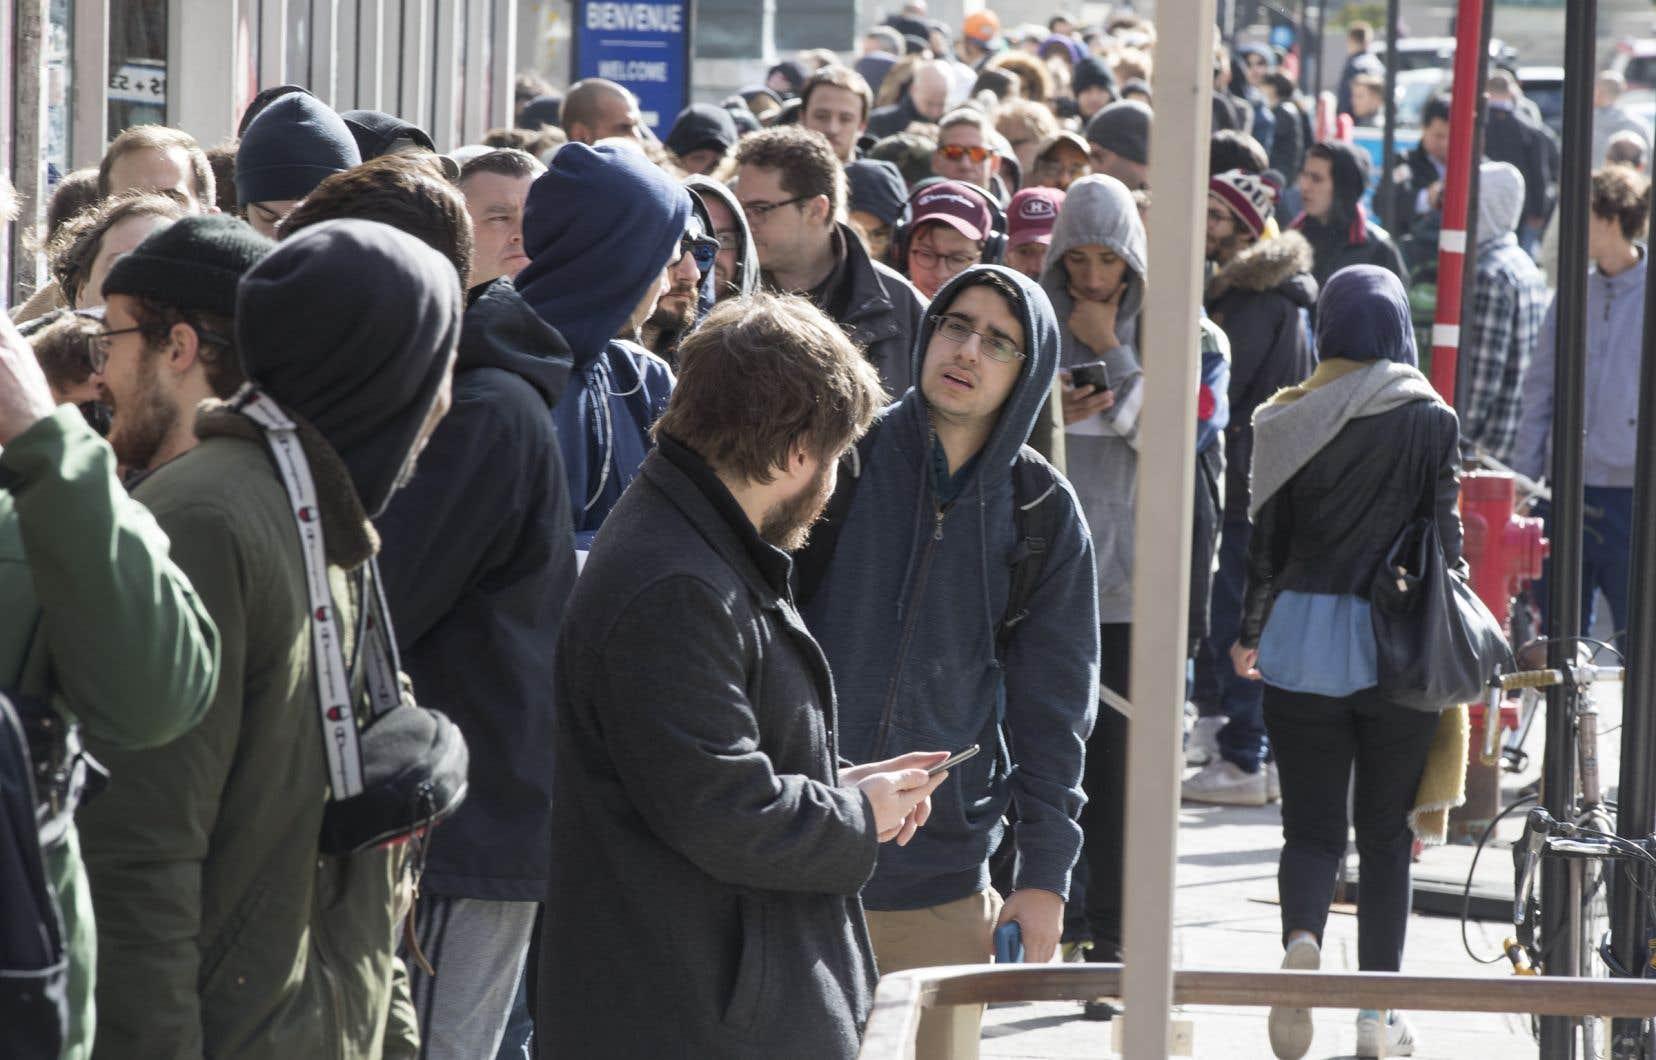 Les boutiques de la SQDC ont été prises d'assaut par les consommateurs de cannabis dès le premier jour, entraînant une pénurie croissante, les producteurs n'arrivant pas à suivre la demande.